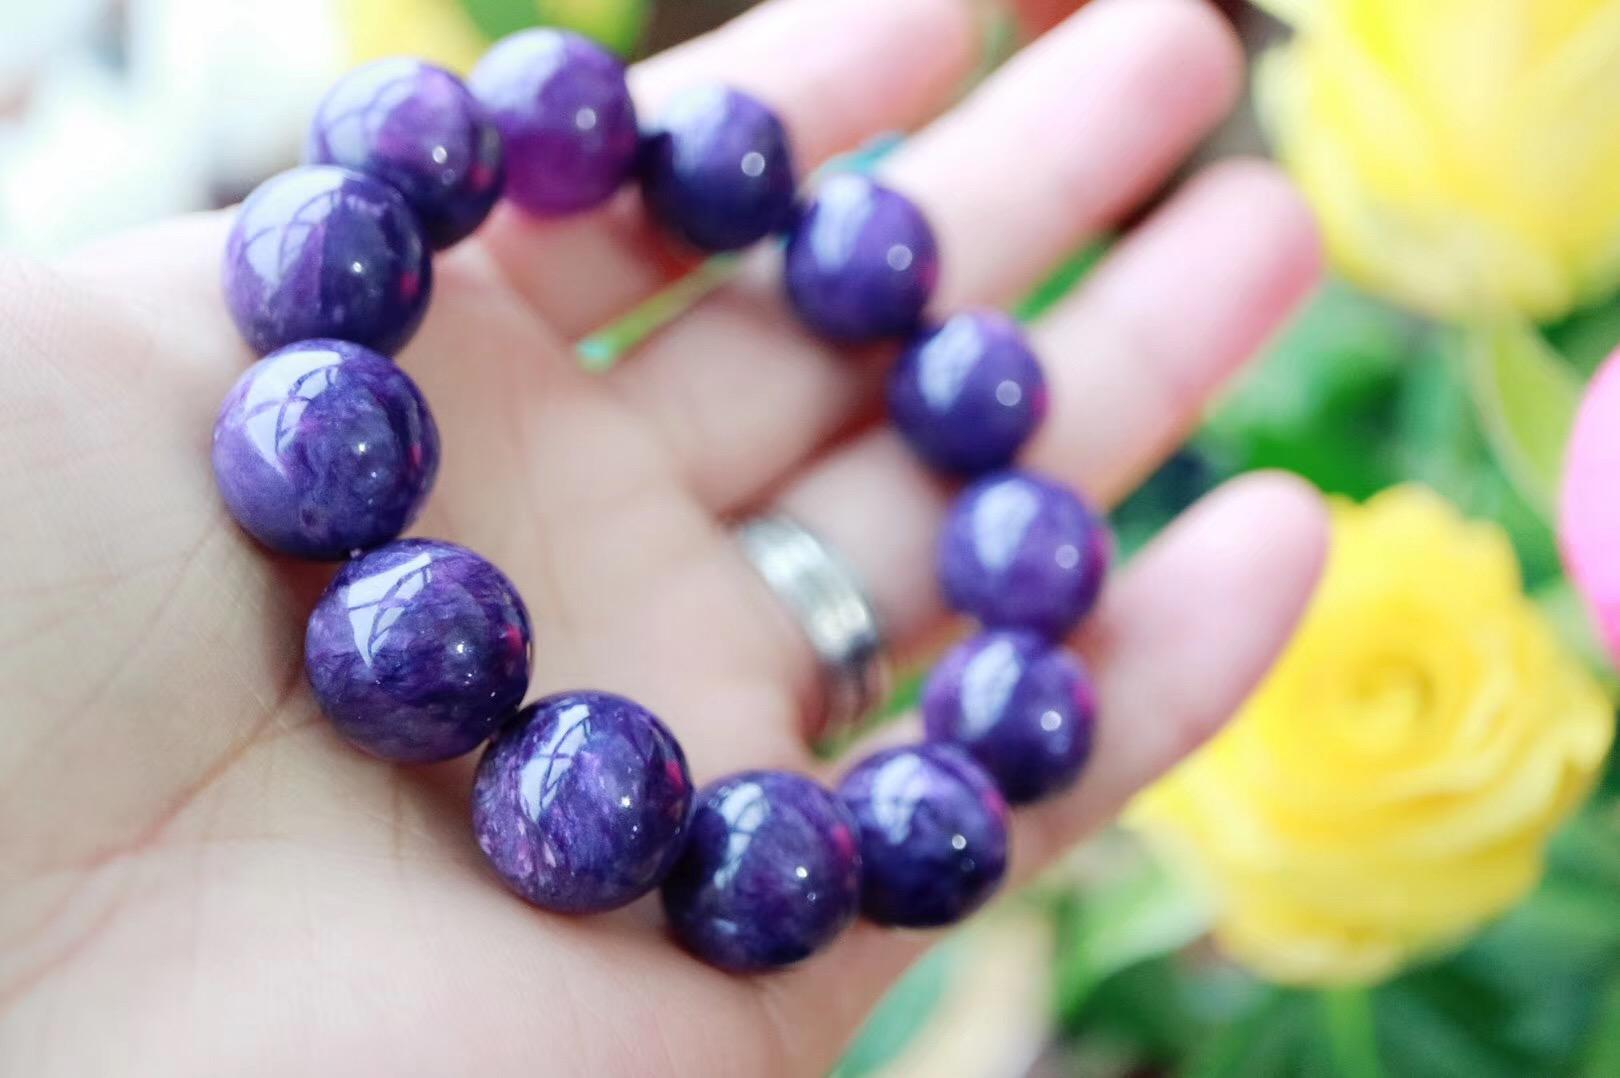 【紫龙晶】对应眉心轮,散发的能量有助于看清事实的真相-菩心晶舍